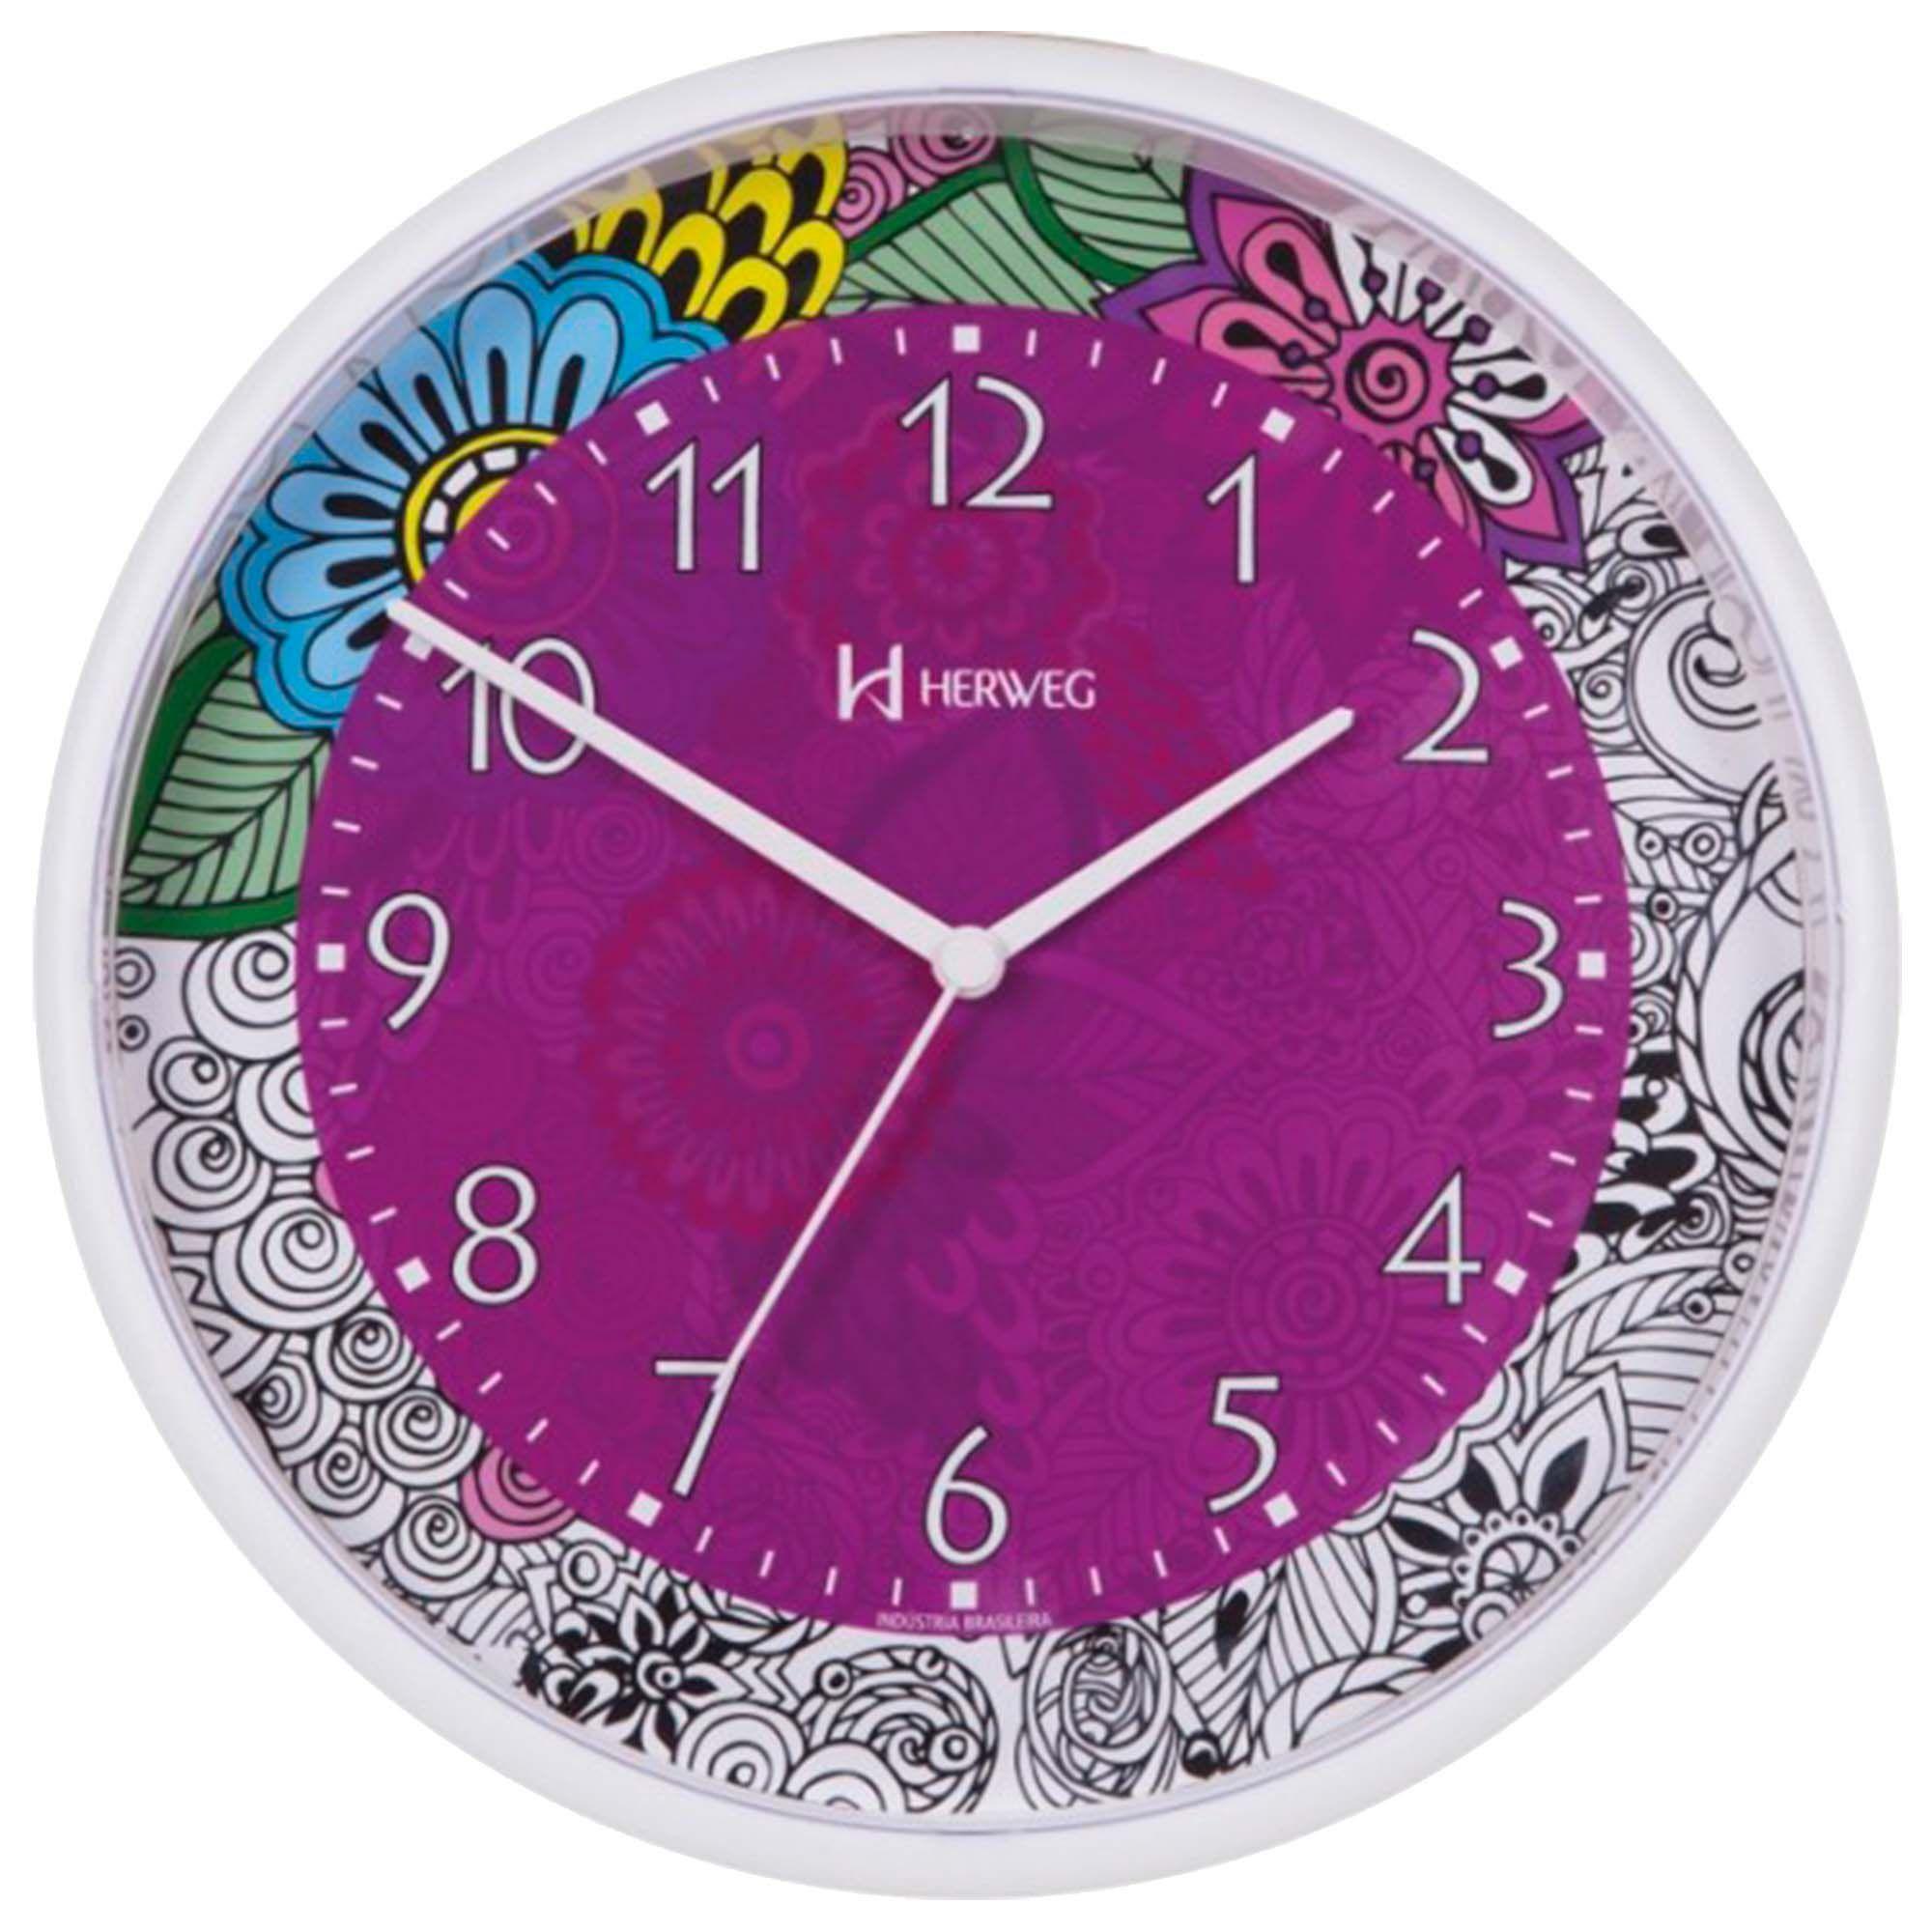 Relógio de Parede Analógico Herweg 660003 021 Branco